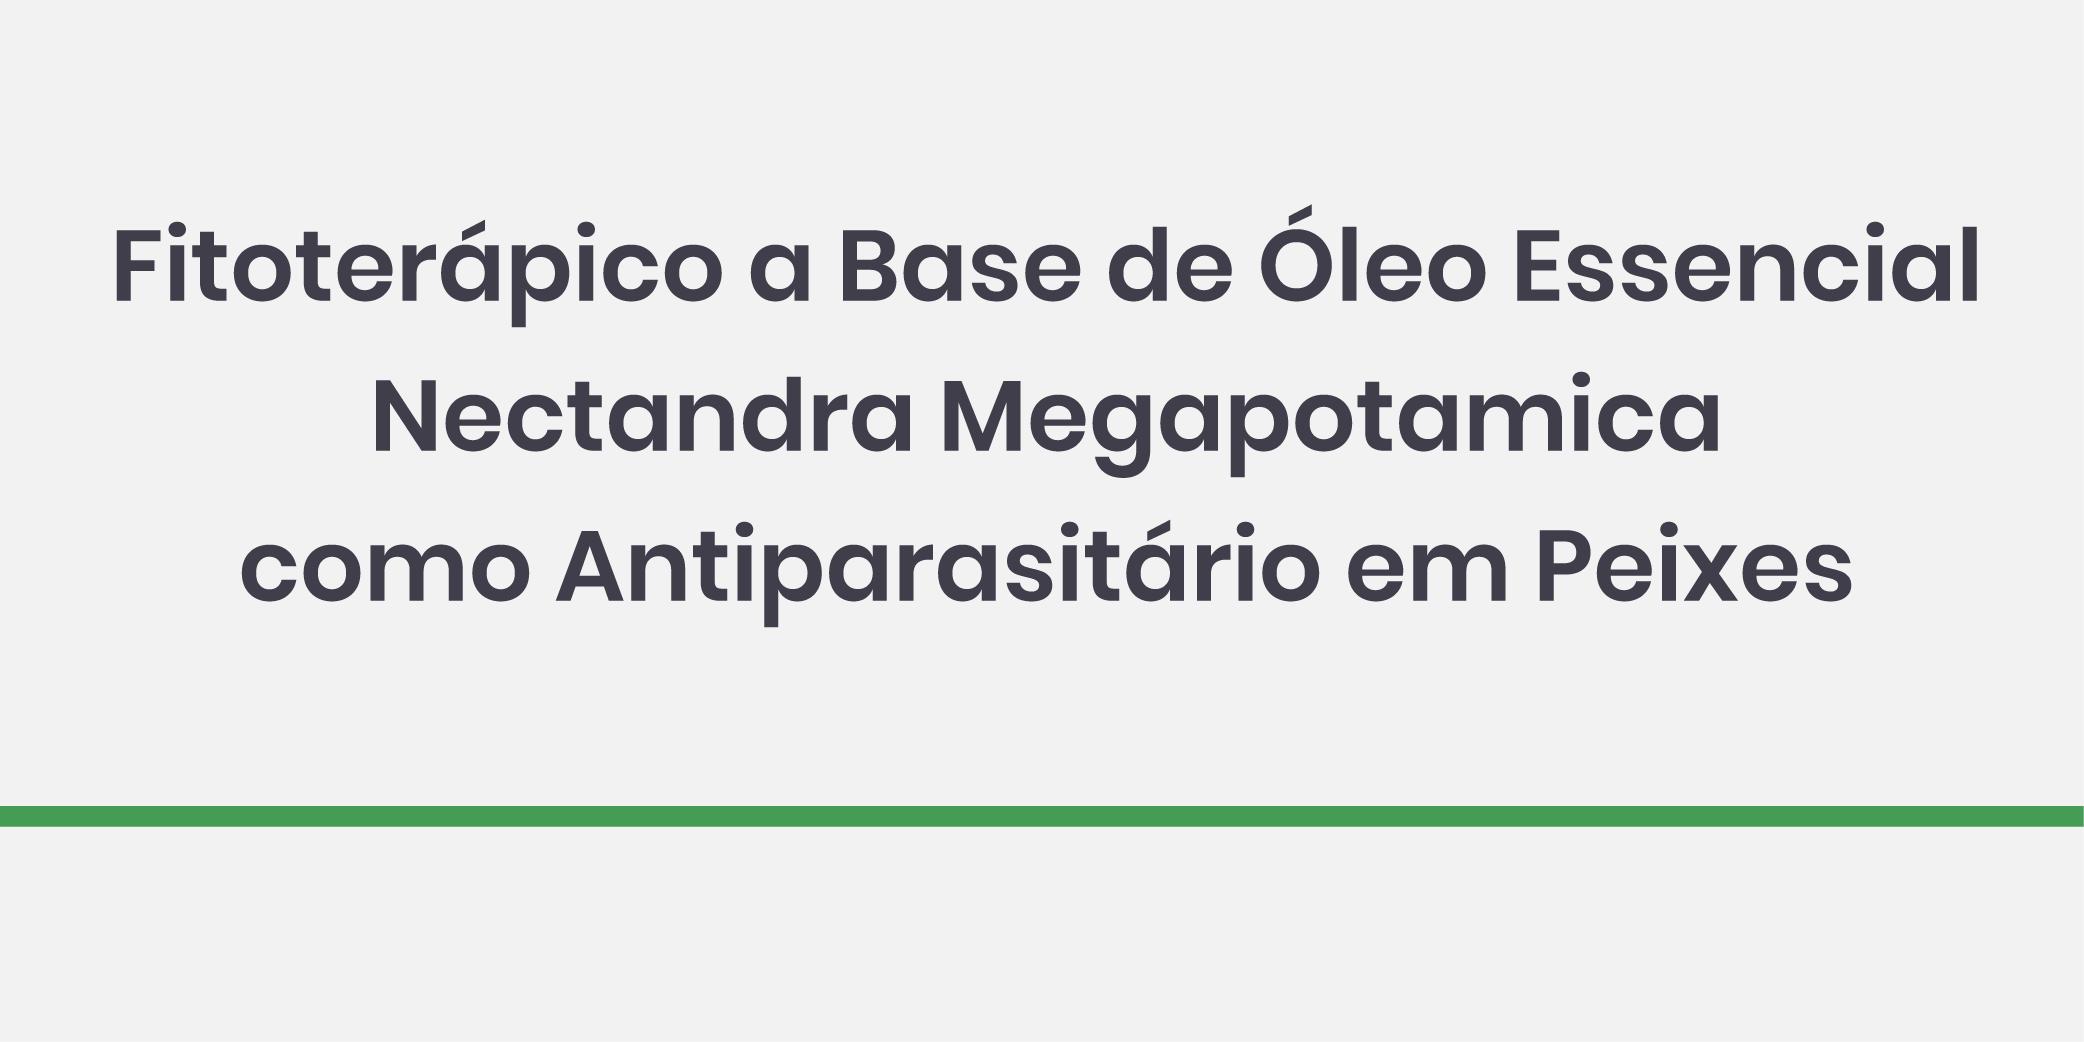 Fitoterápico a Base de Óleo Essencial Nectandra megapotamica como Antiparasitário em Peixes